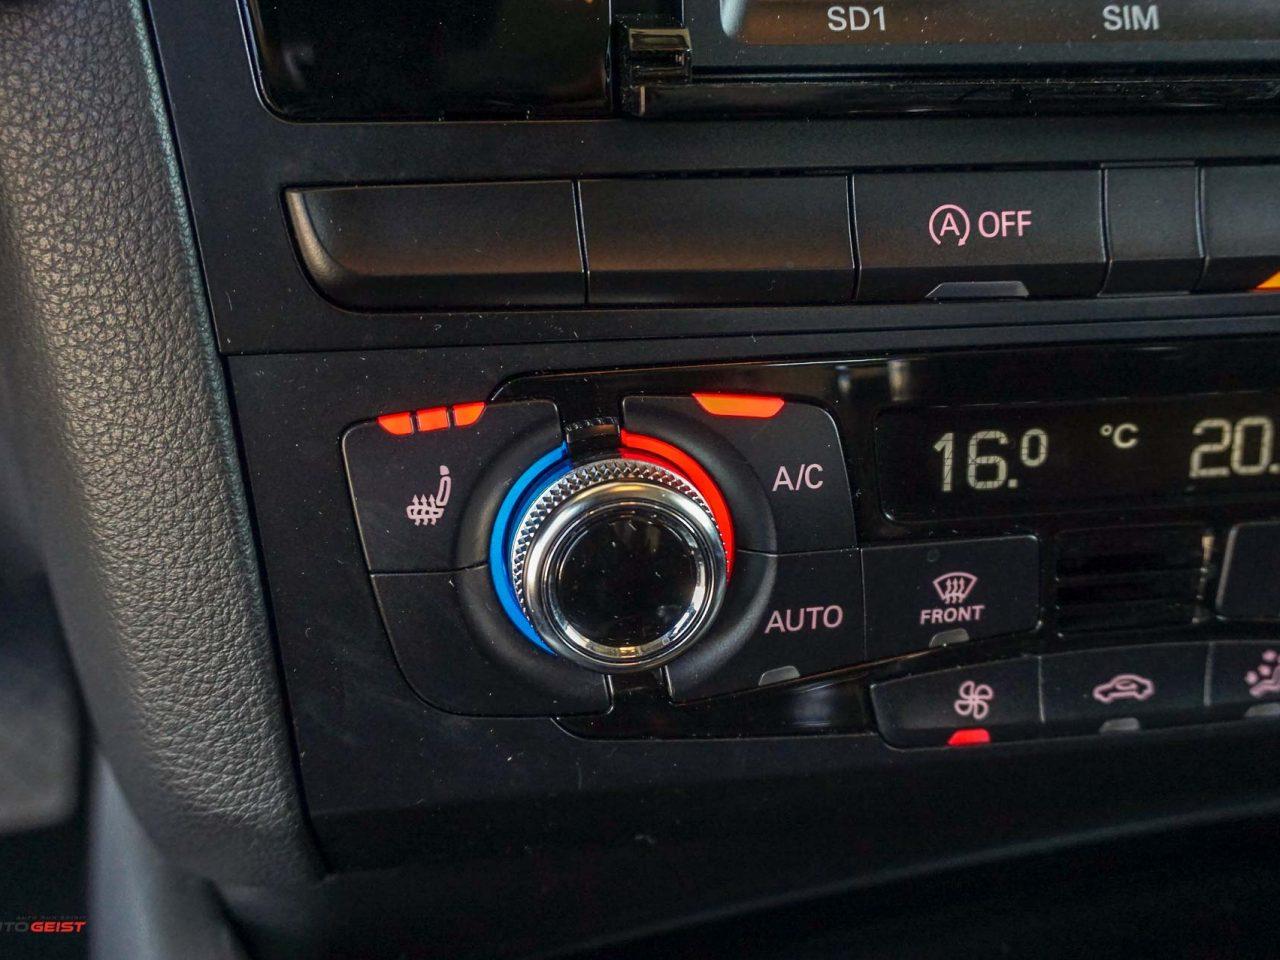 audi-q5-quattro-automat-negru-1019-02341